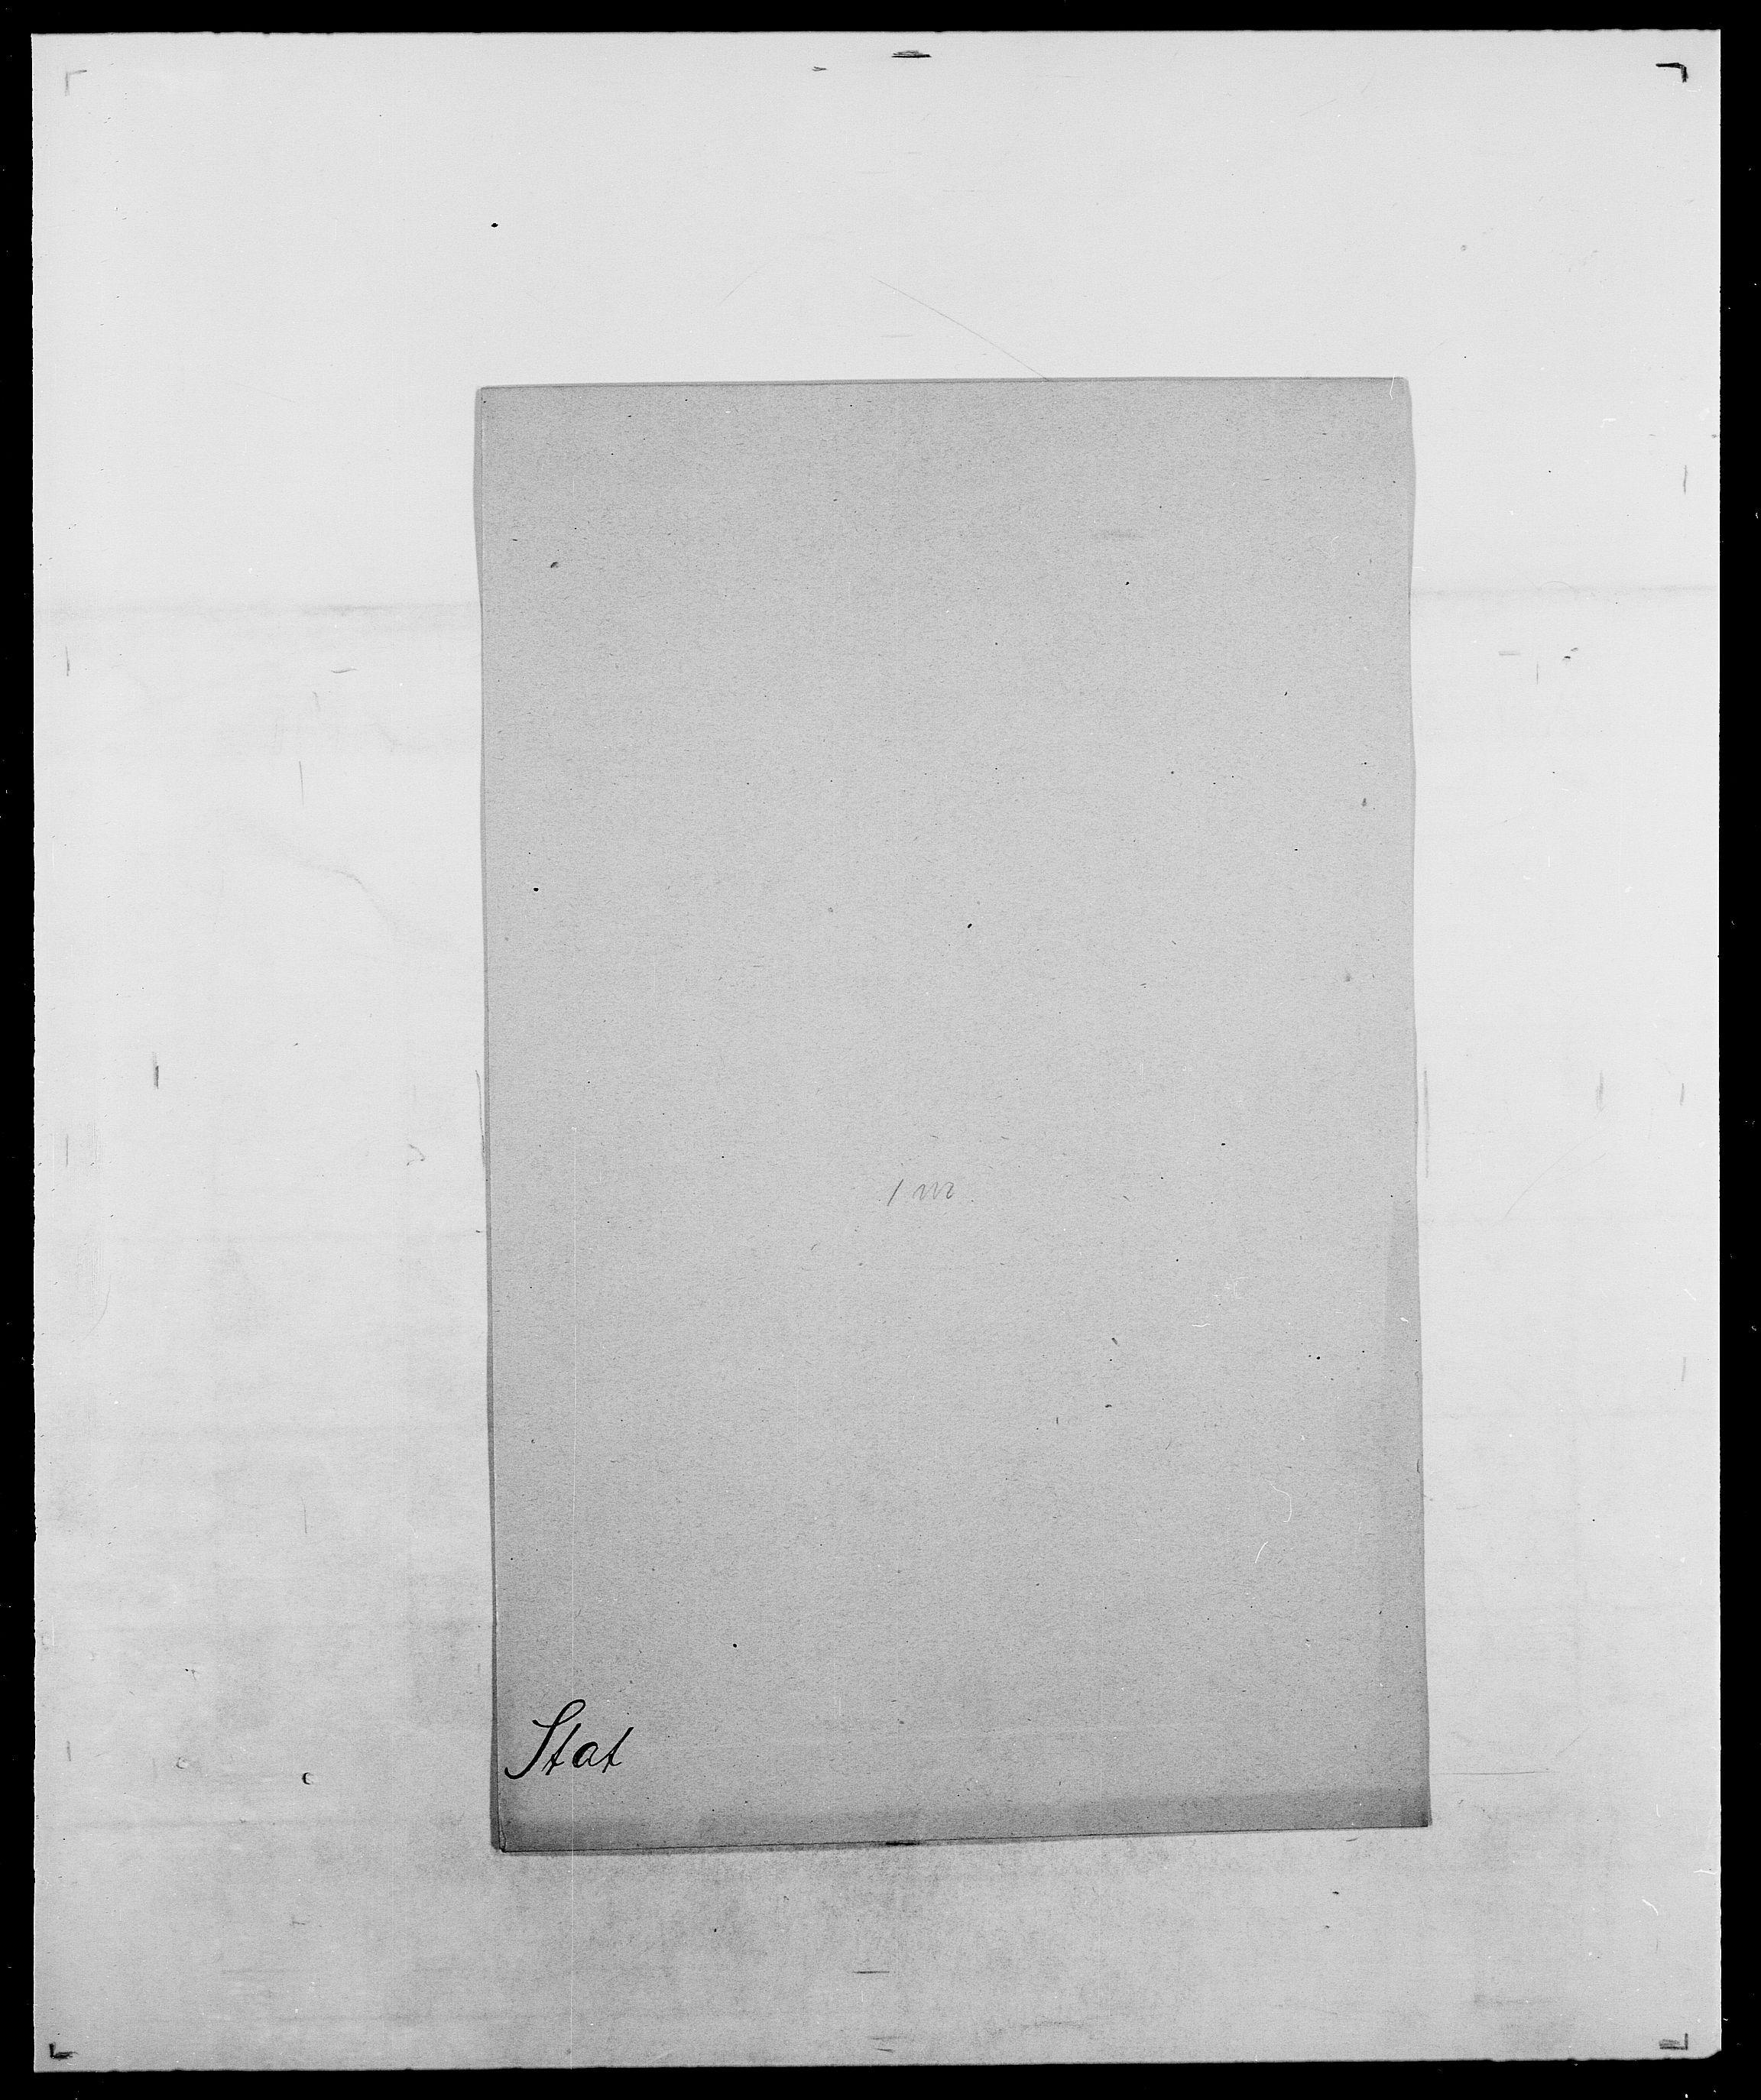 SAO, Delgobe, Charles Antoine - samling, D/Da/L0036: Skaanør - Staverskov, s. 996